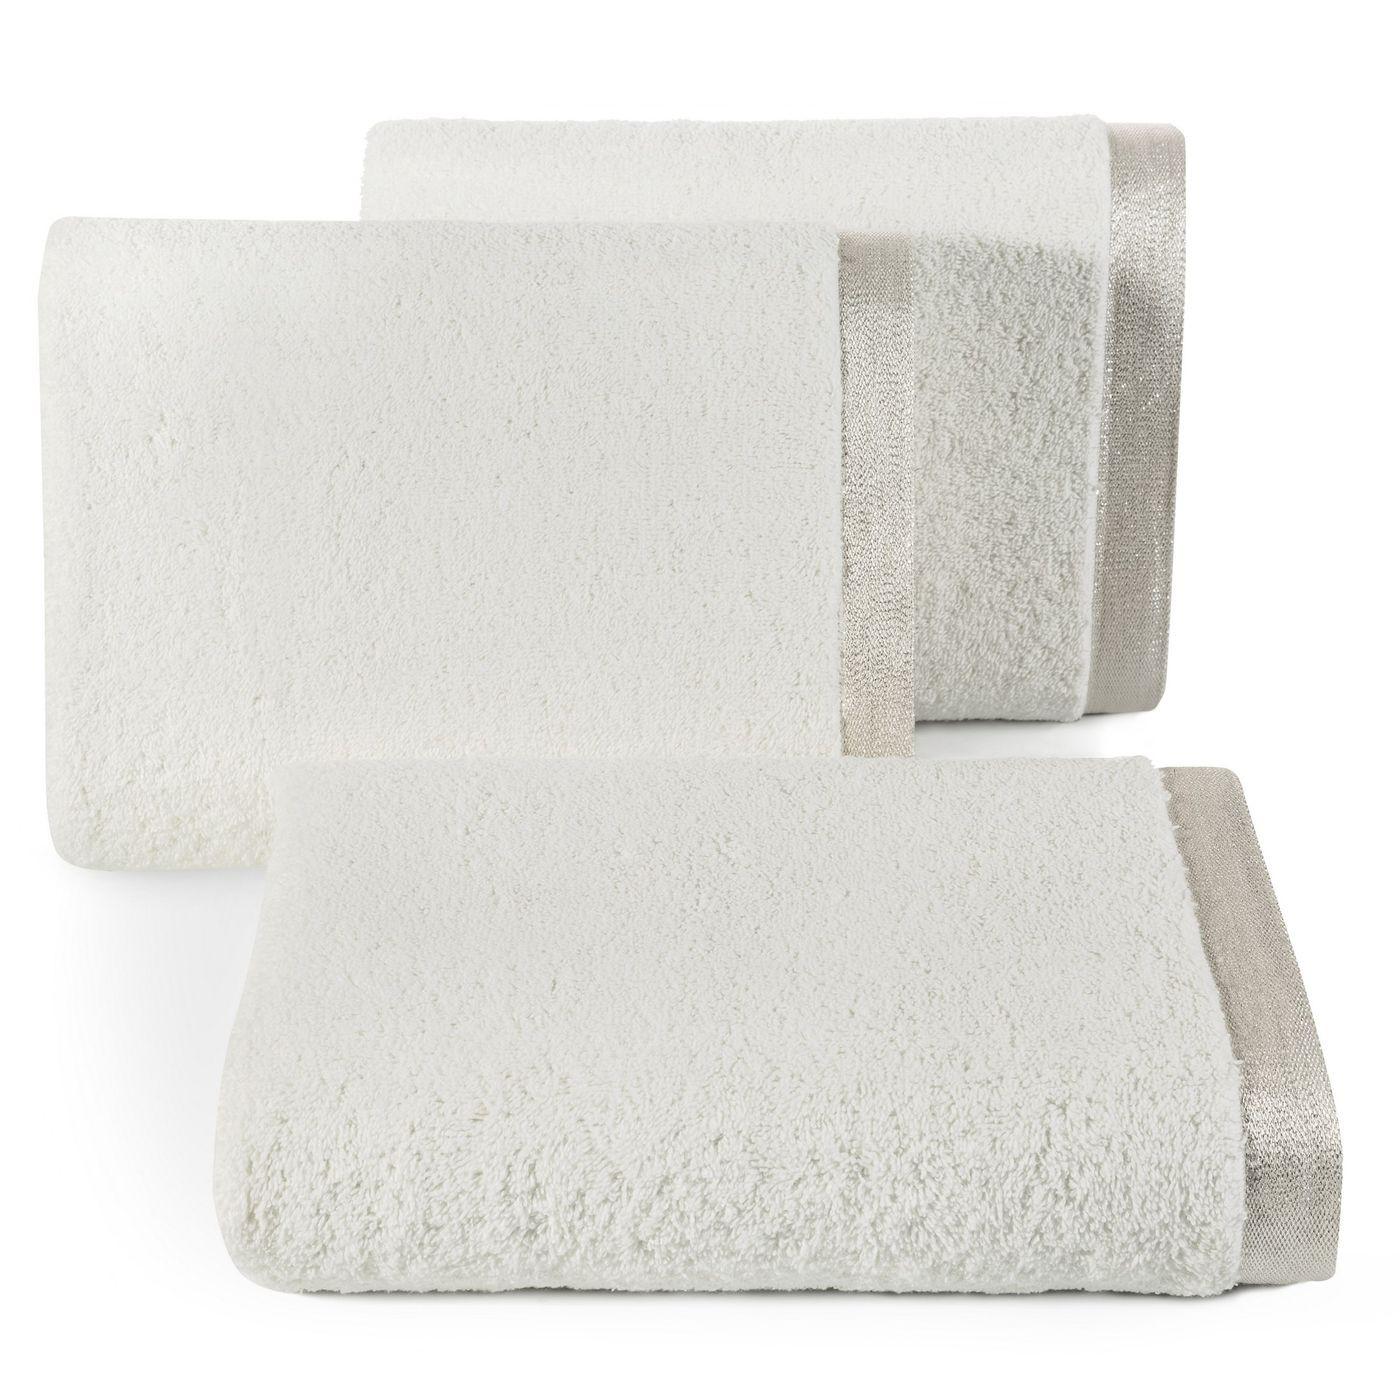 Ręcznik z bawełny z błyszczącym brzegiem 70x140cm kremowy